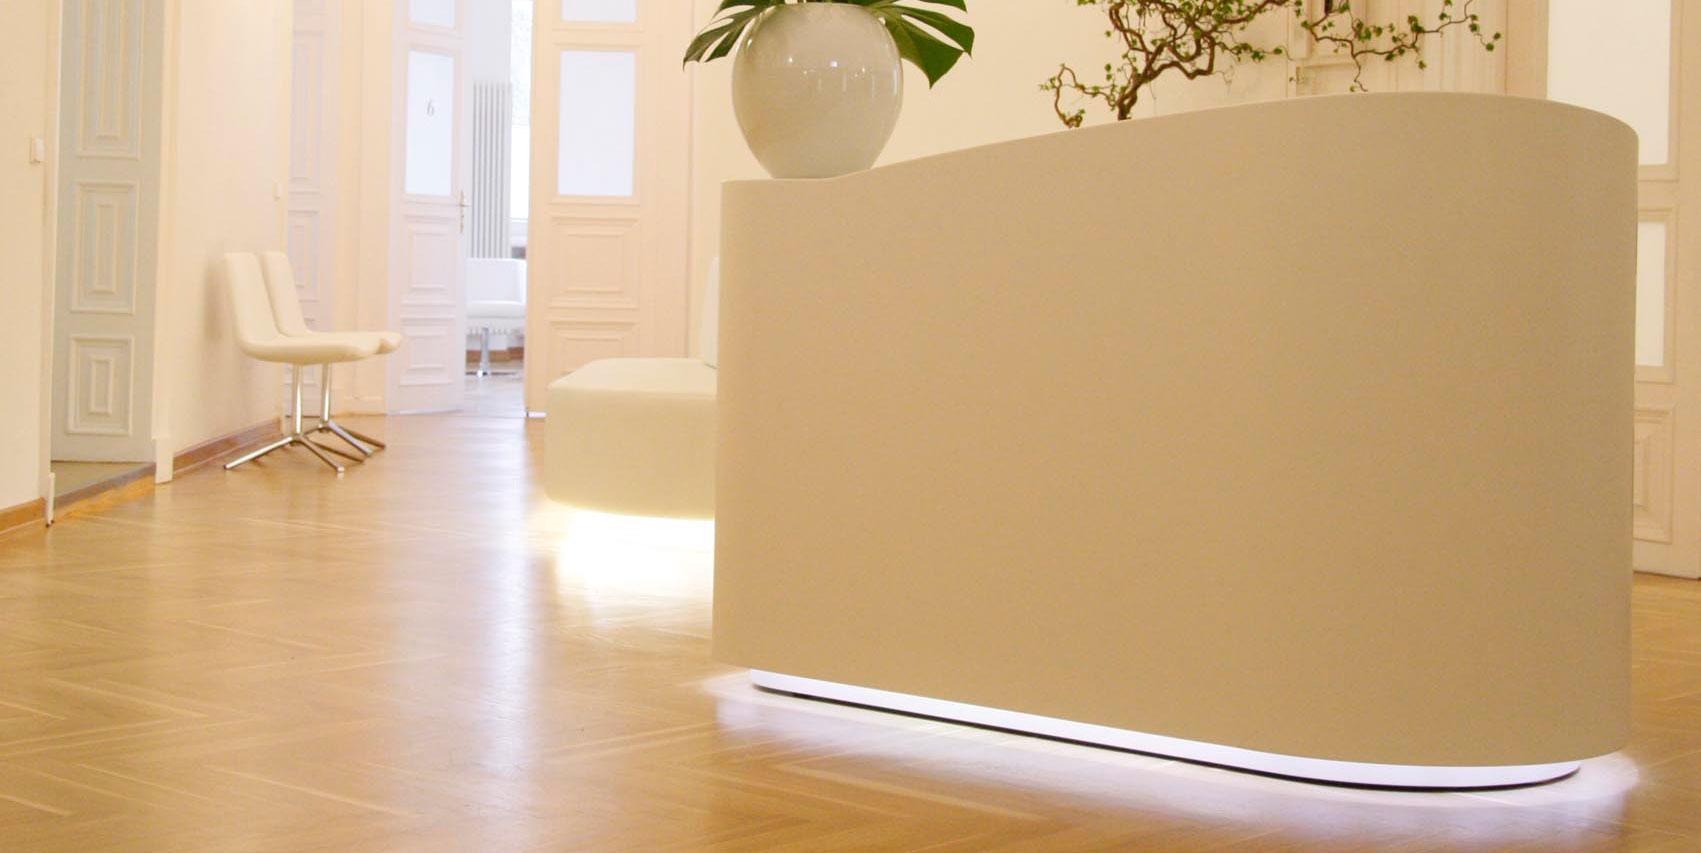 amolsch holzbau gmbh b ro praxisr ume leistungen schreinerei innenausbau in karlsruhe. Black Bedroom Furniture Sets. Home Design Ideas